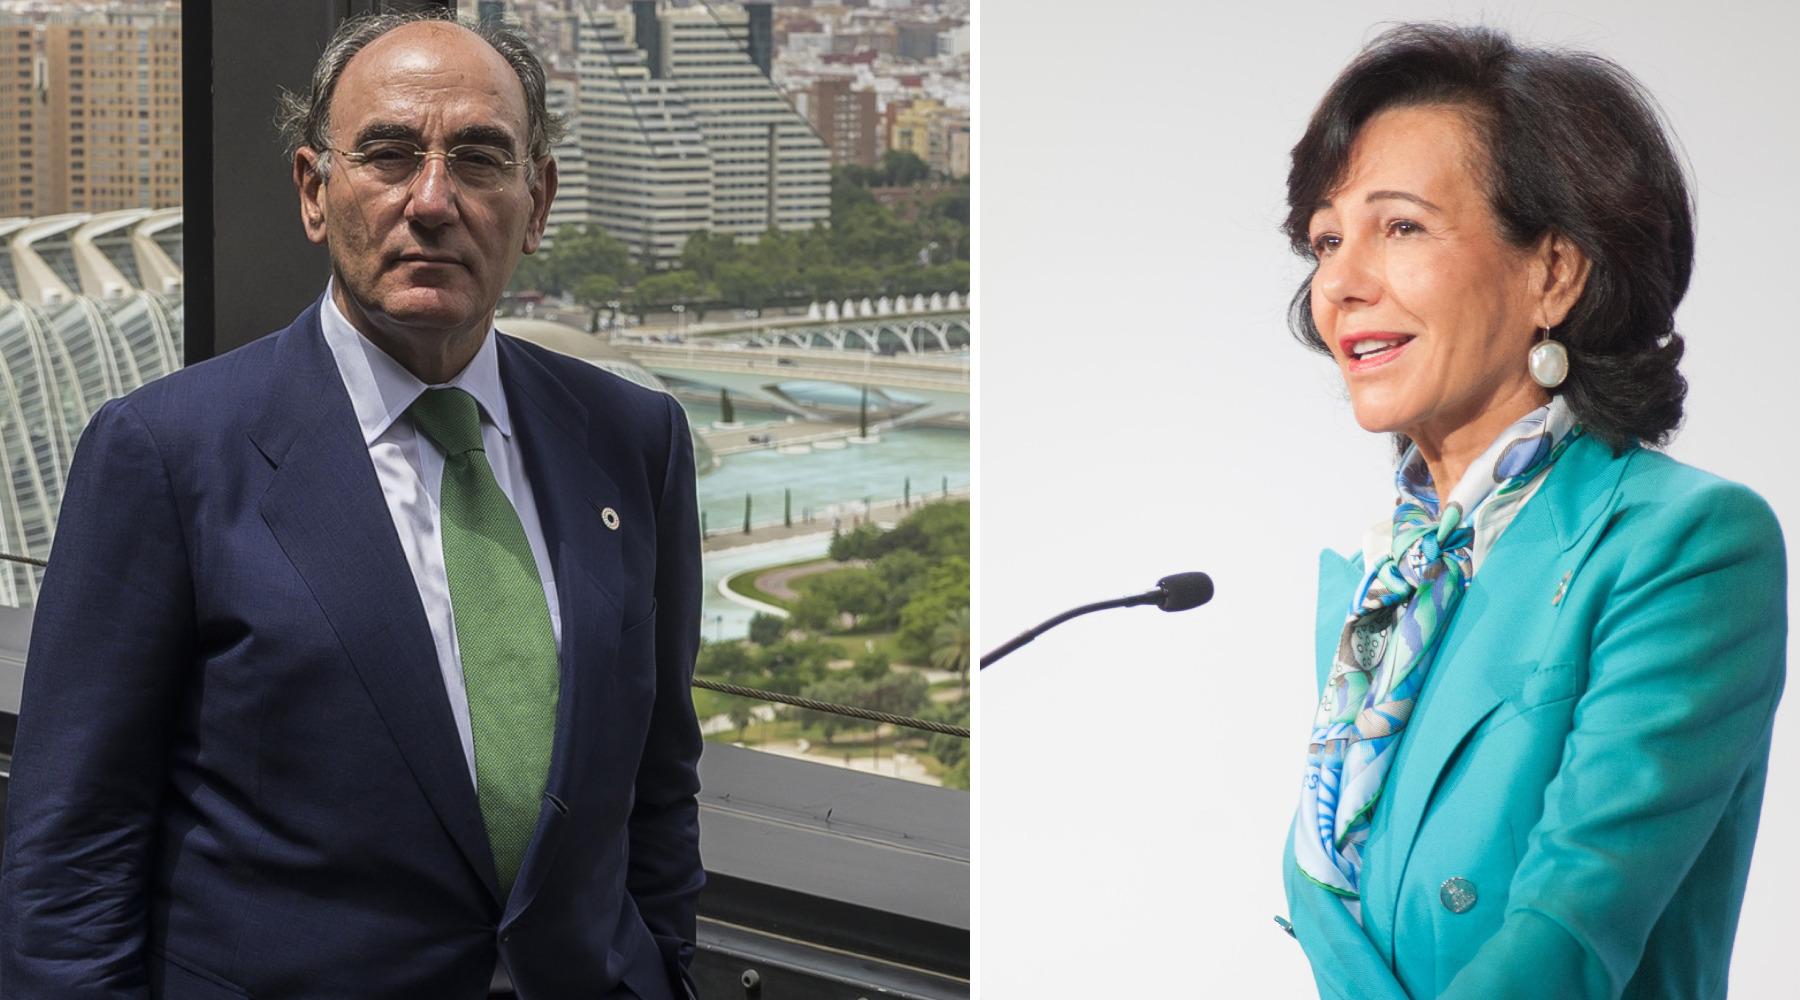 El Santander de Ana Patricia Botín supera el valor en bolsa de Iberdrola, la compañía de Ignacio Sánchez Galán